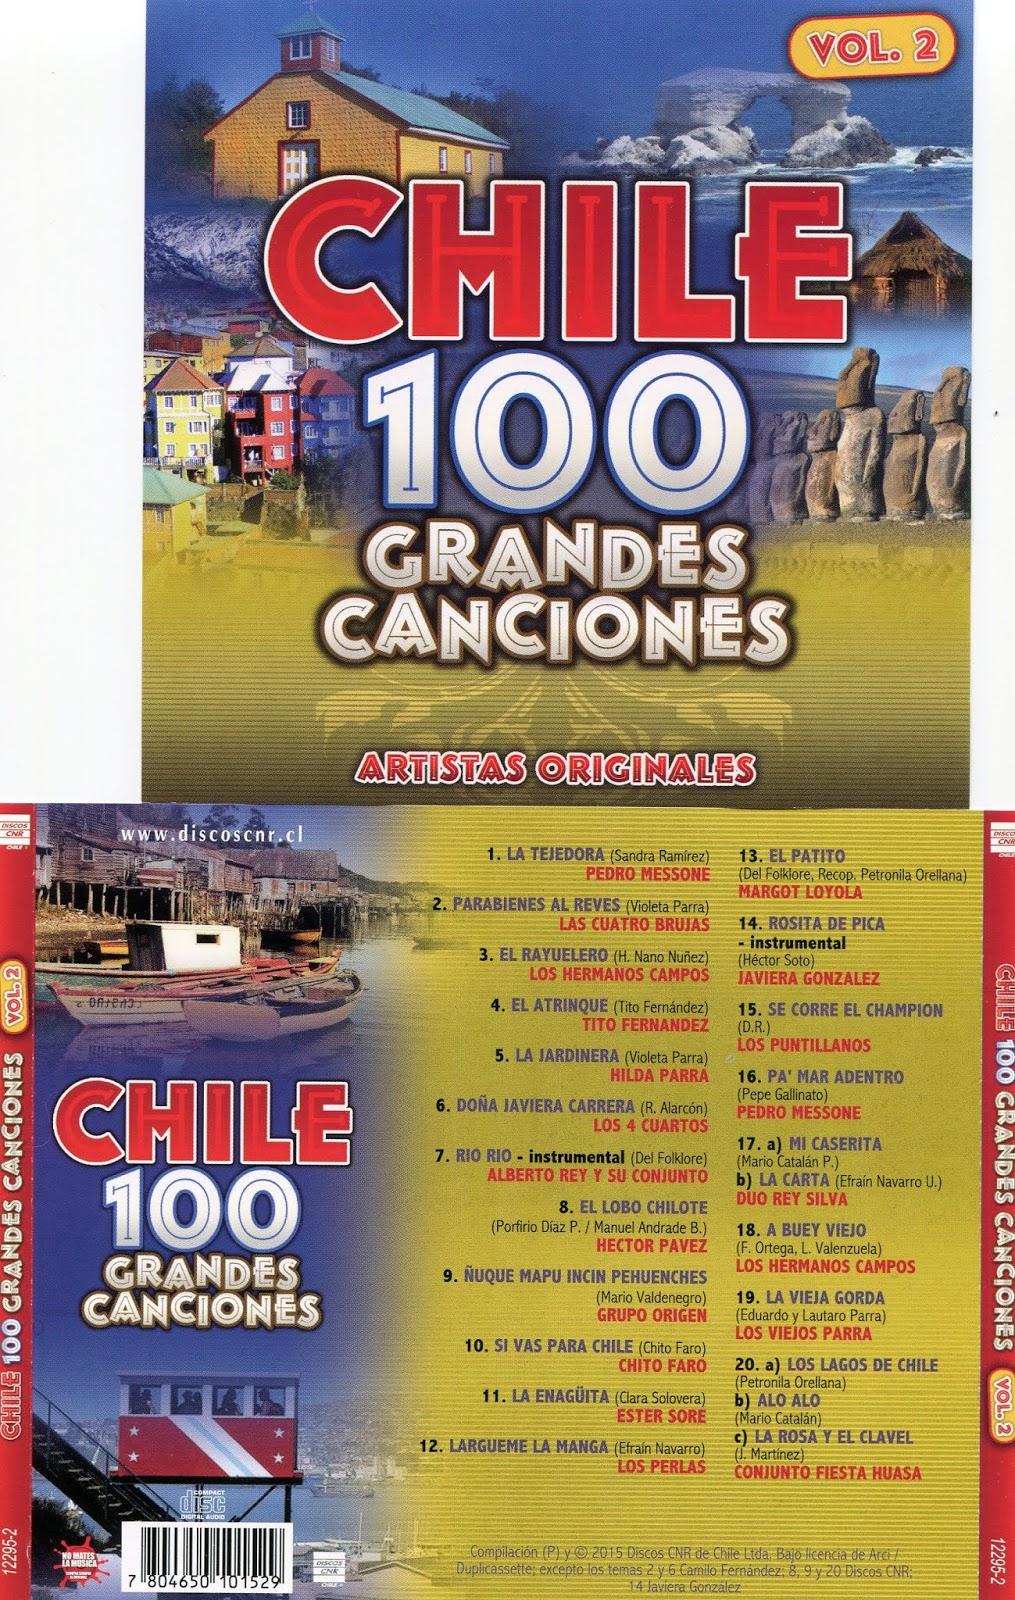 cd 100 grandes canciones de Chile Cd 2 Vol2